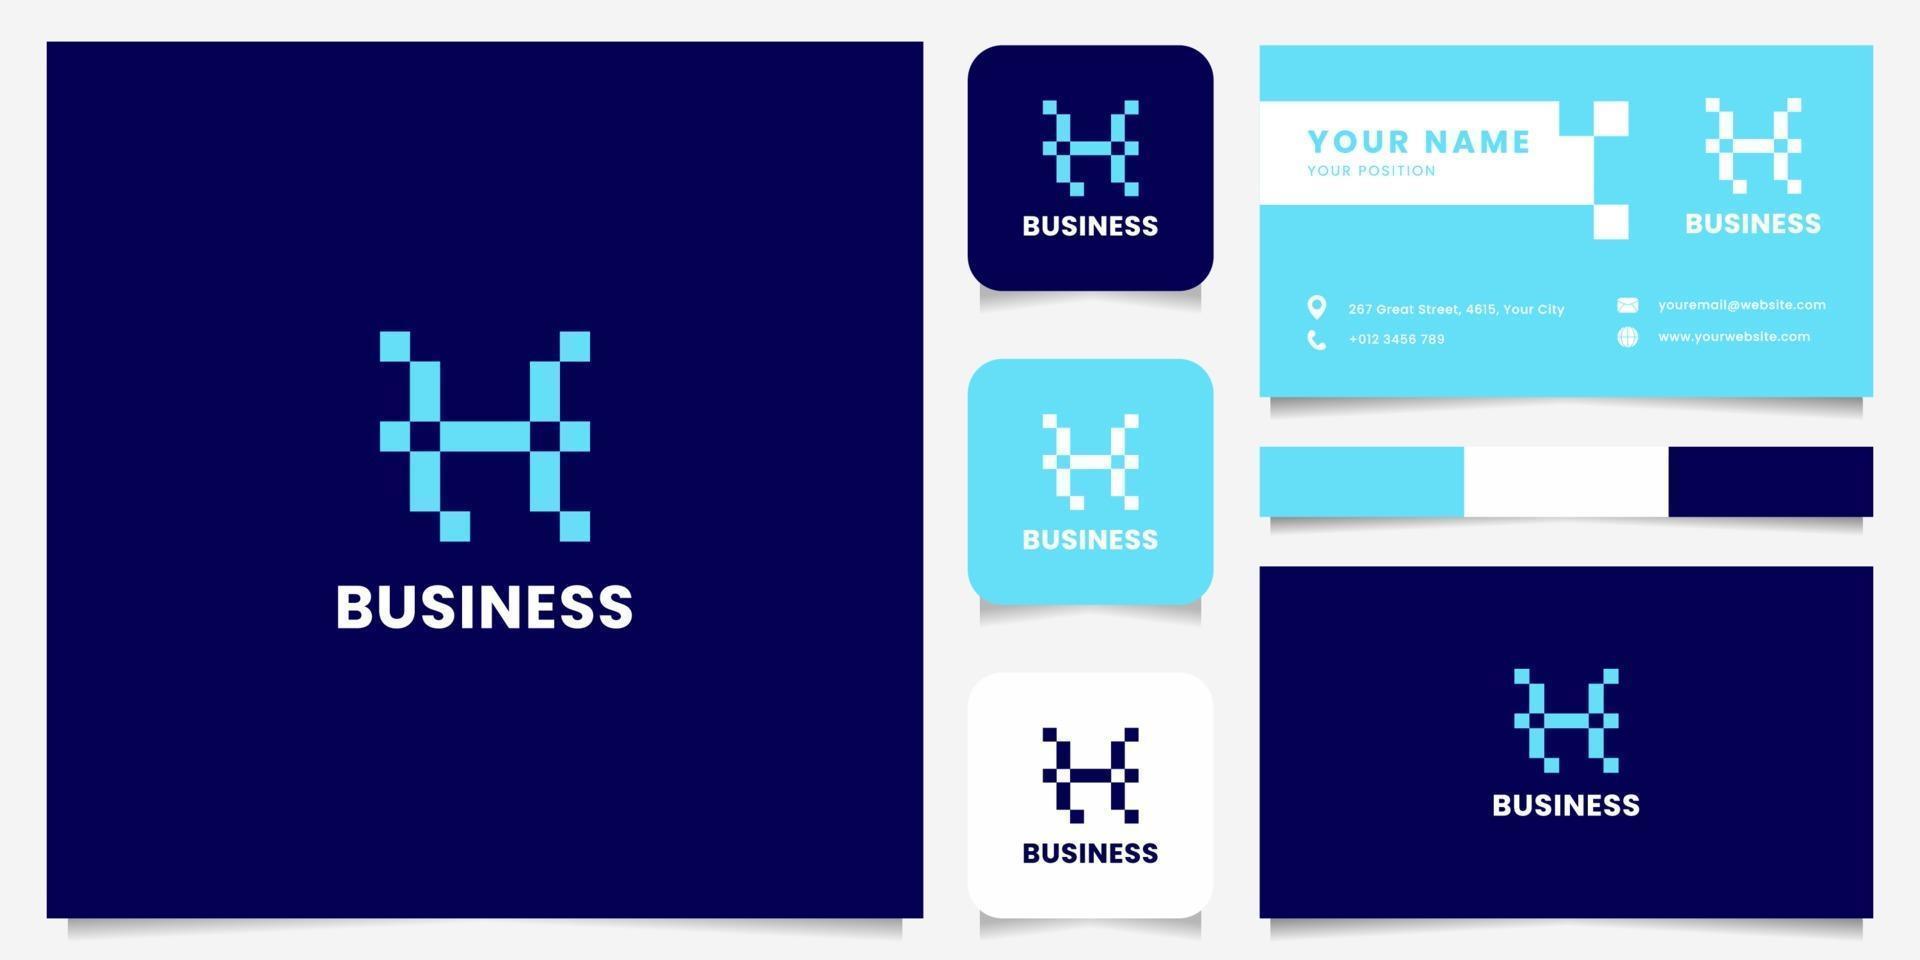 enkel och minimalistisk blå pixel bokstav h-logotyp med visitkortsmall vektor